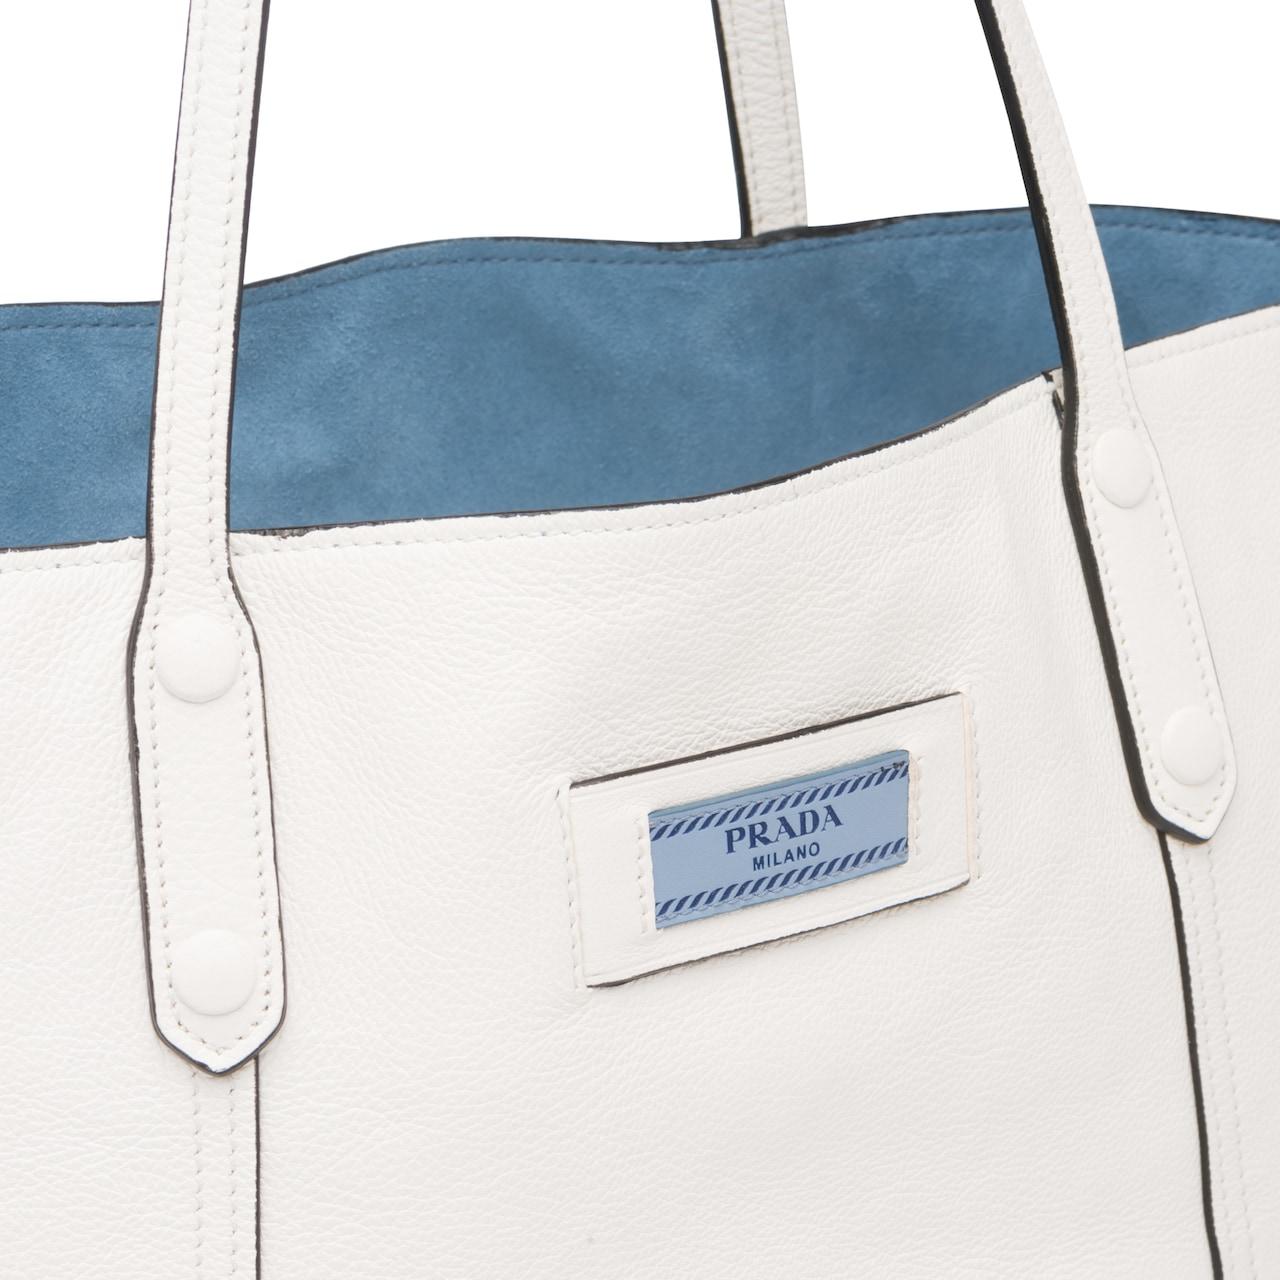 Prada Etiquette leather bag